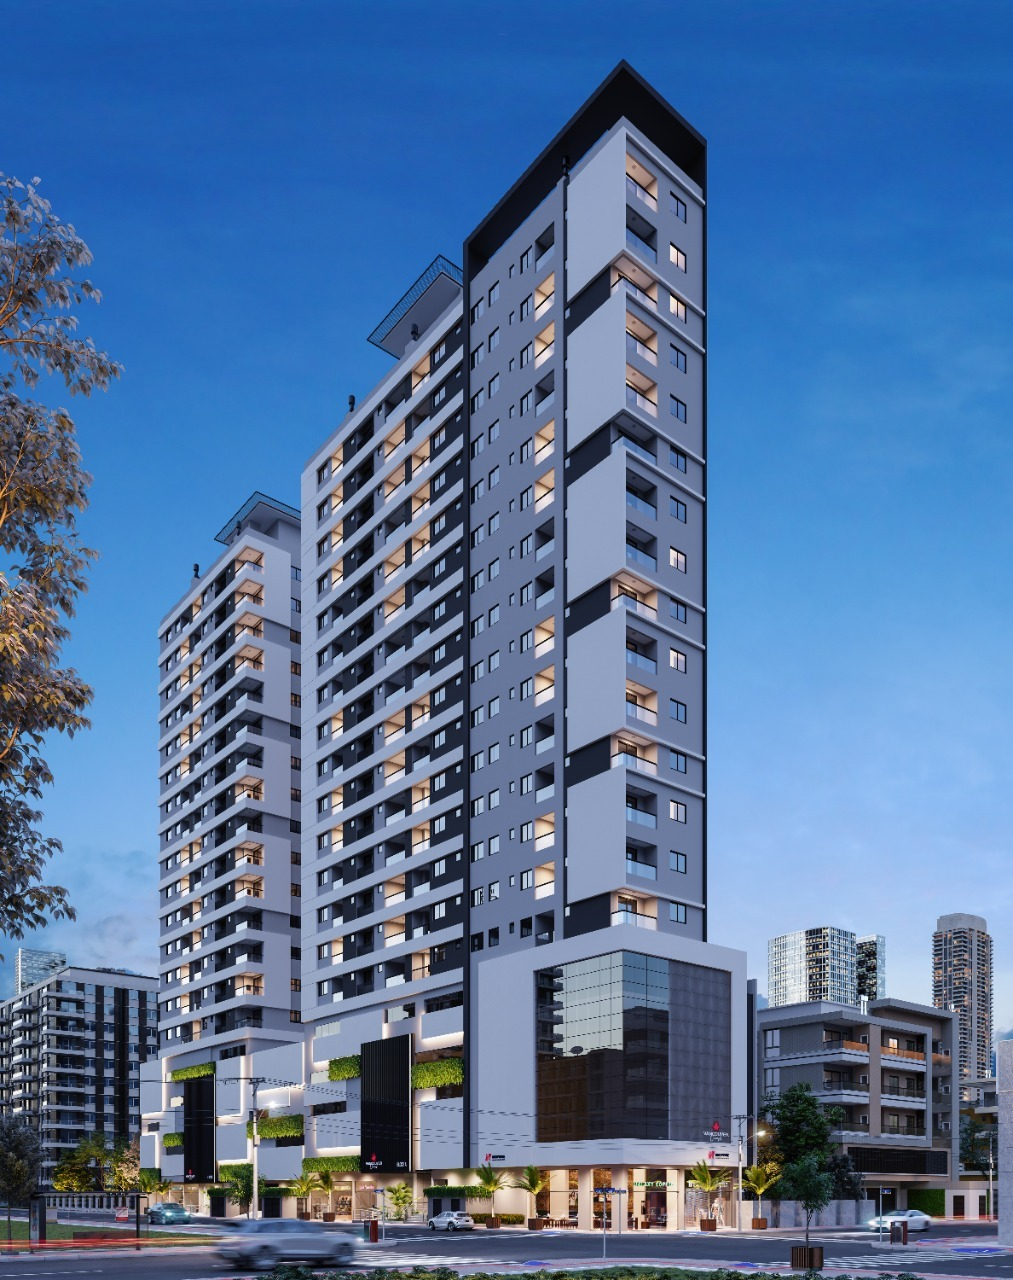 APARTAMENTO com 2 dormitórios à venda por R$ 499.895,00 - ITAPEMA / SC